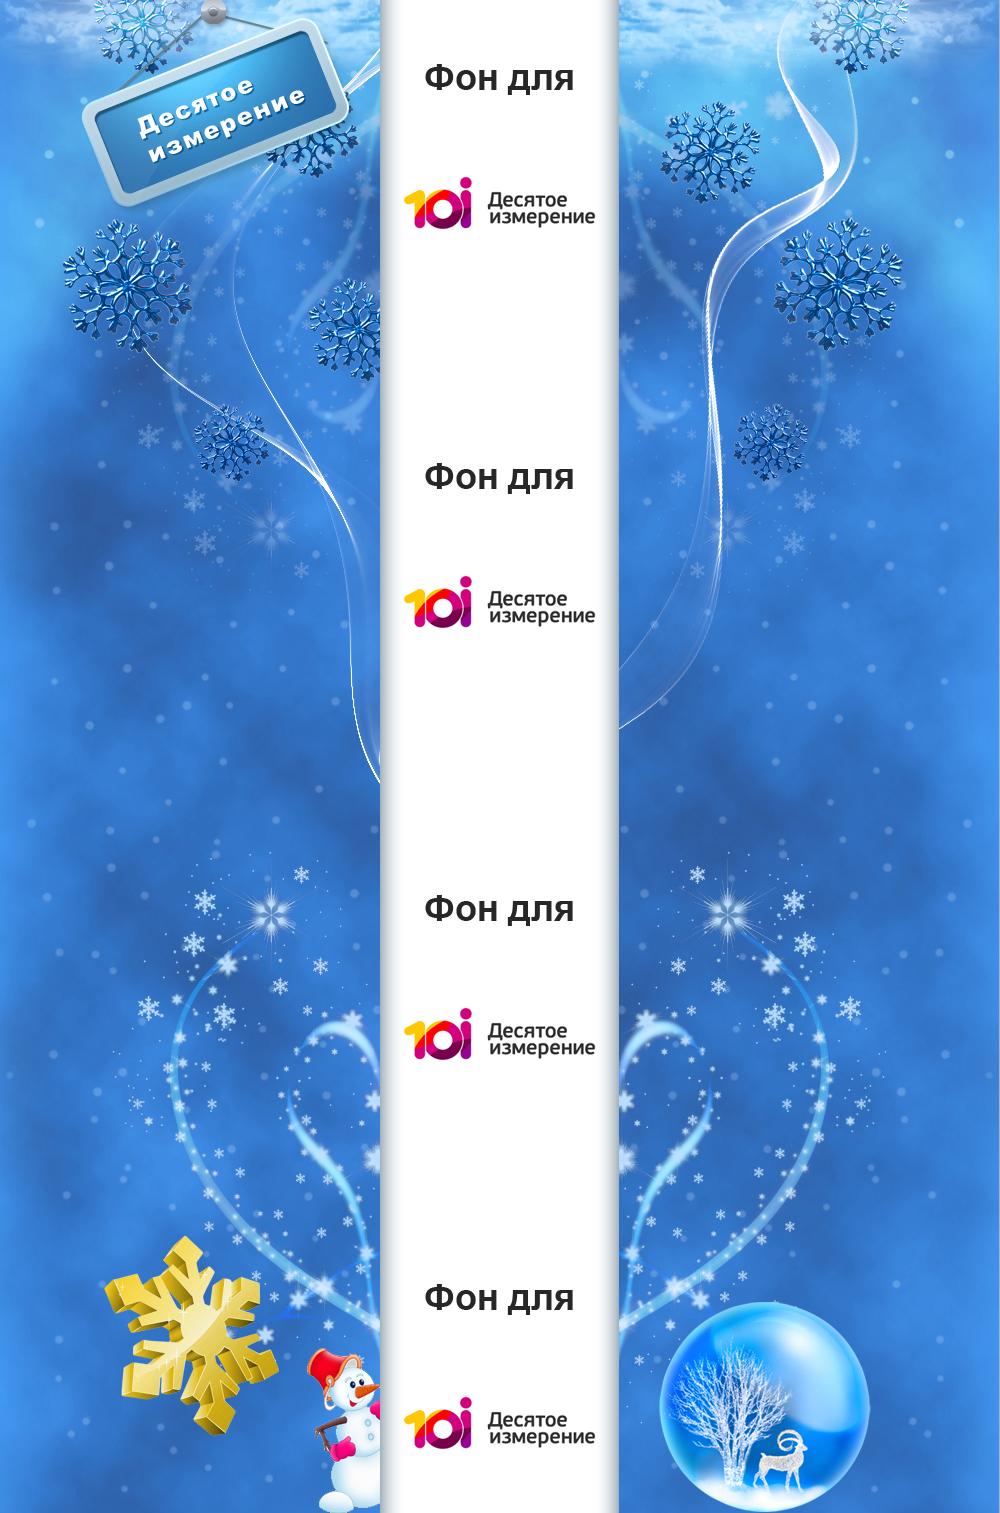 """Зимний фон для интернет магазина """"десятое измерение"""". Коллаж."""